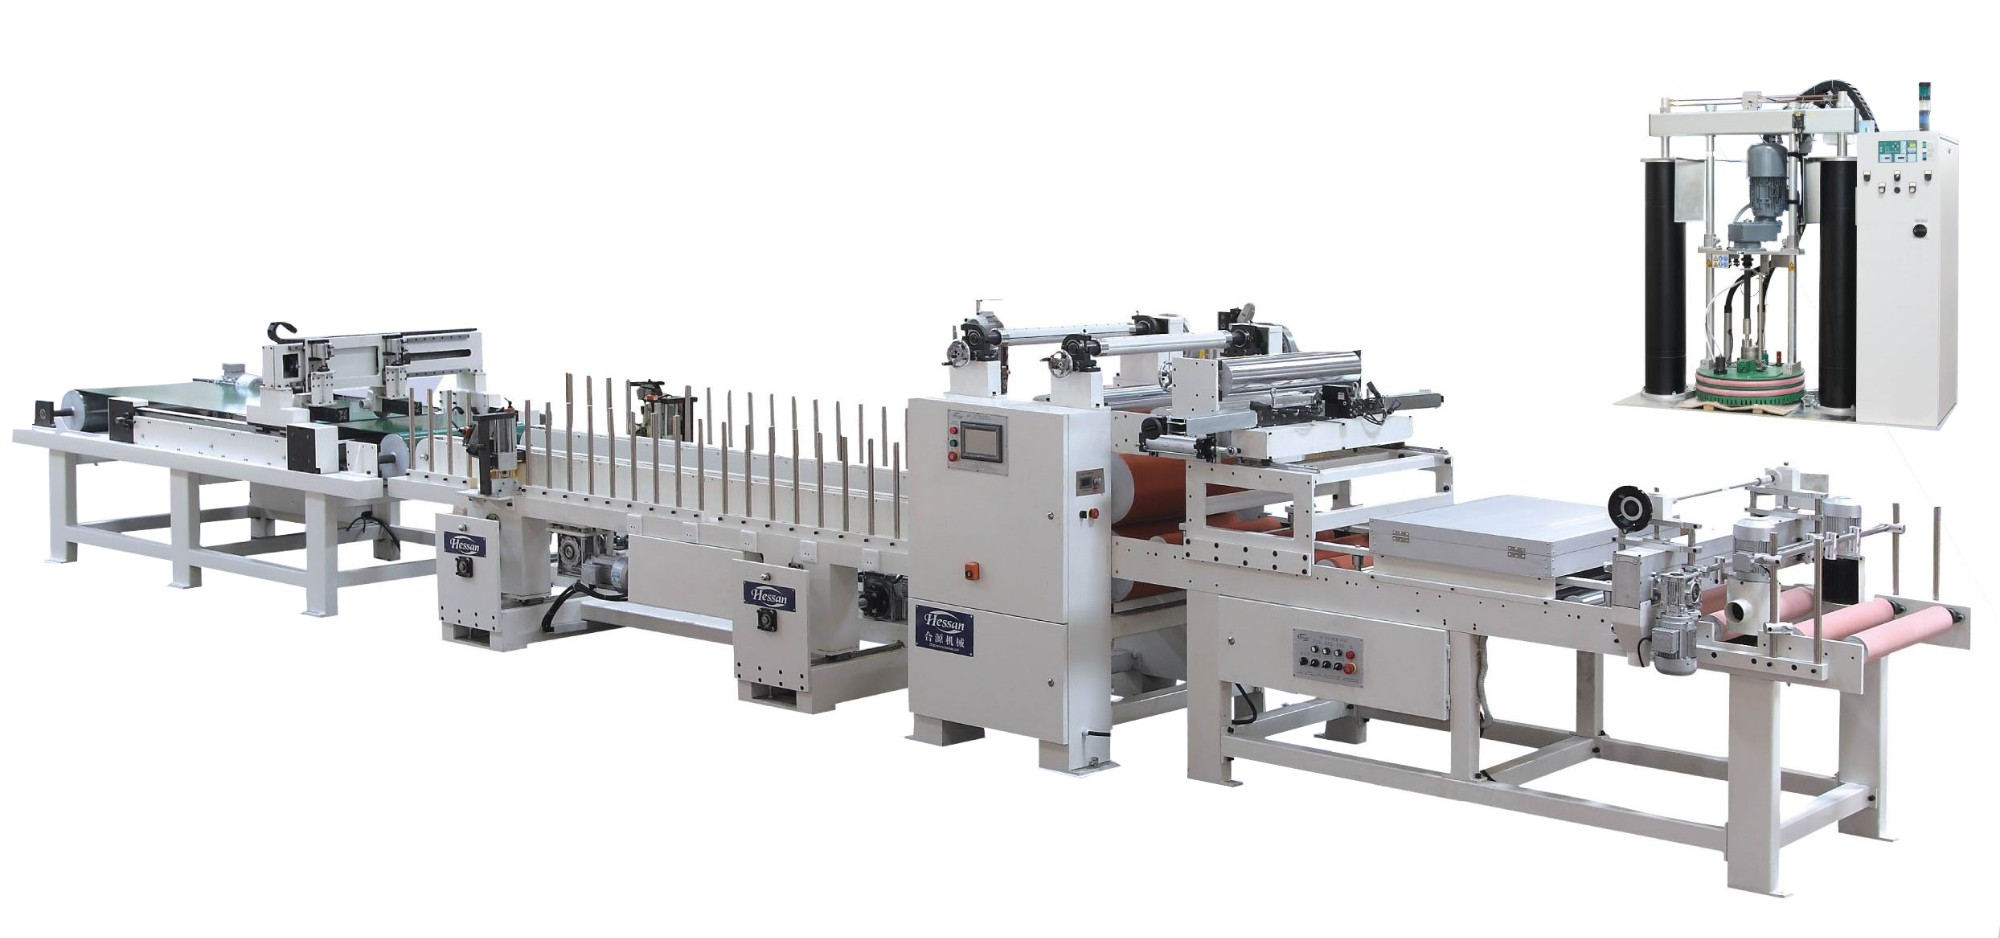 PU/PVAc Cold Glue Profile Wrapping Machine Manufacturers, PU/PVAc Cold Glue Profile Wrapping Machine Factory, Supply PU/PVAc Cold Glue Profile Wrapping Machine